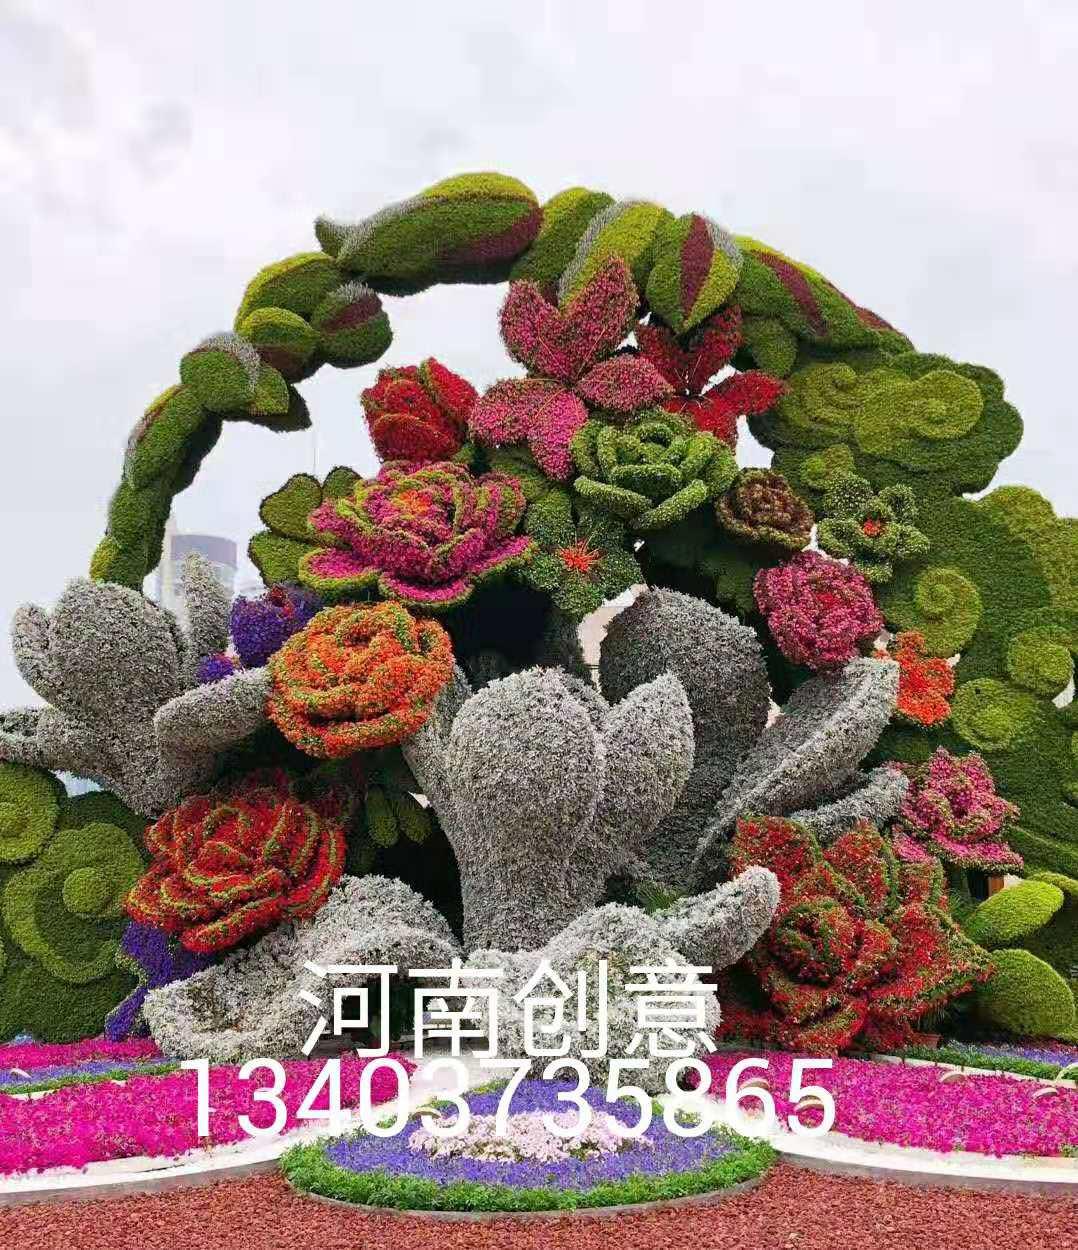 仿真植物立体造型价格_快卓网